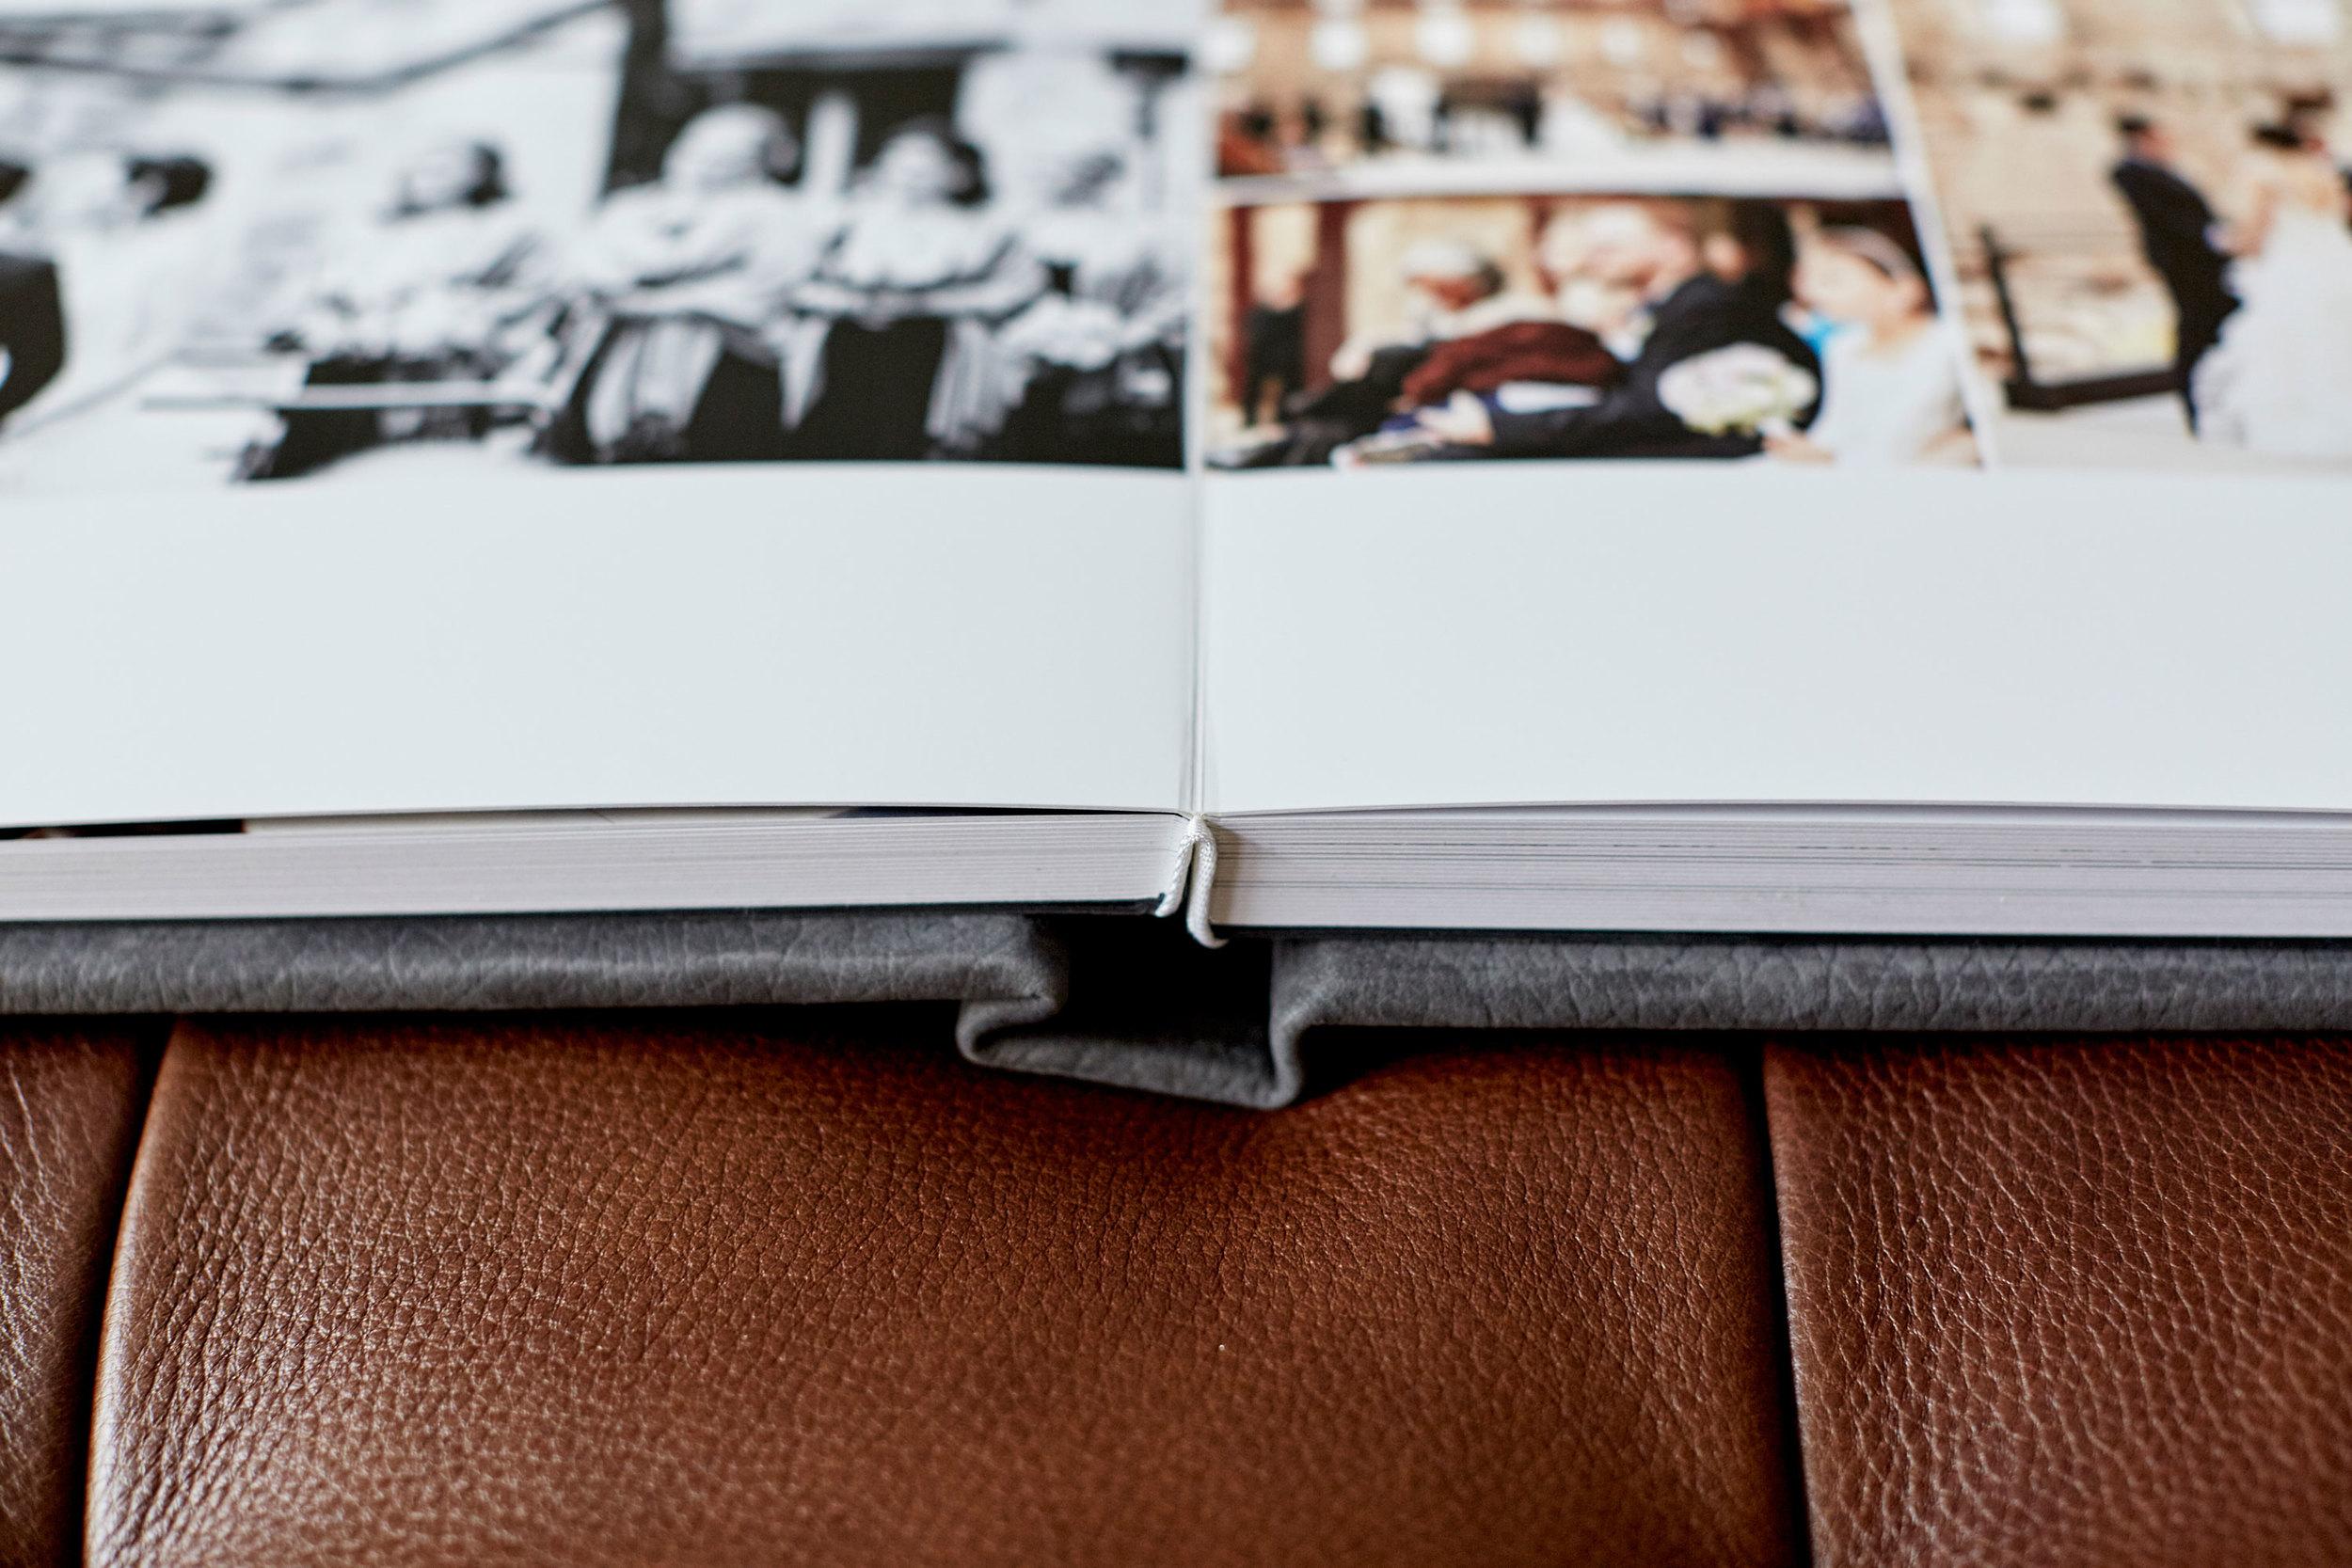 nickfayweddings-albums-large-005.jpg